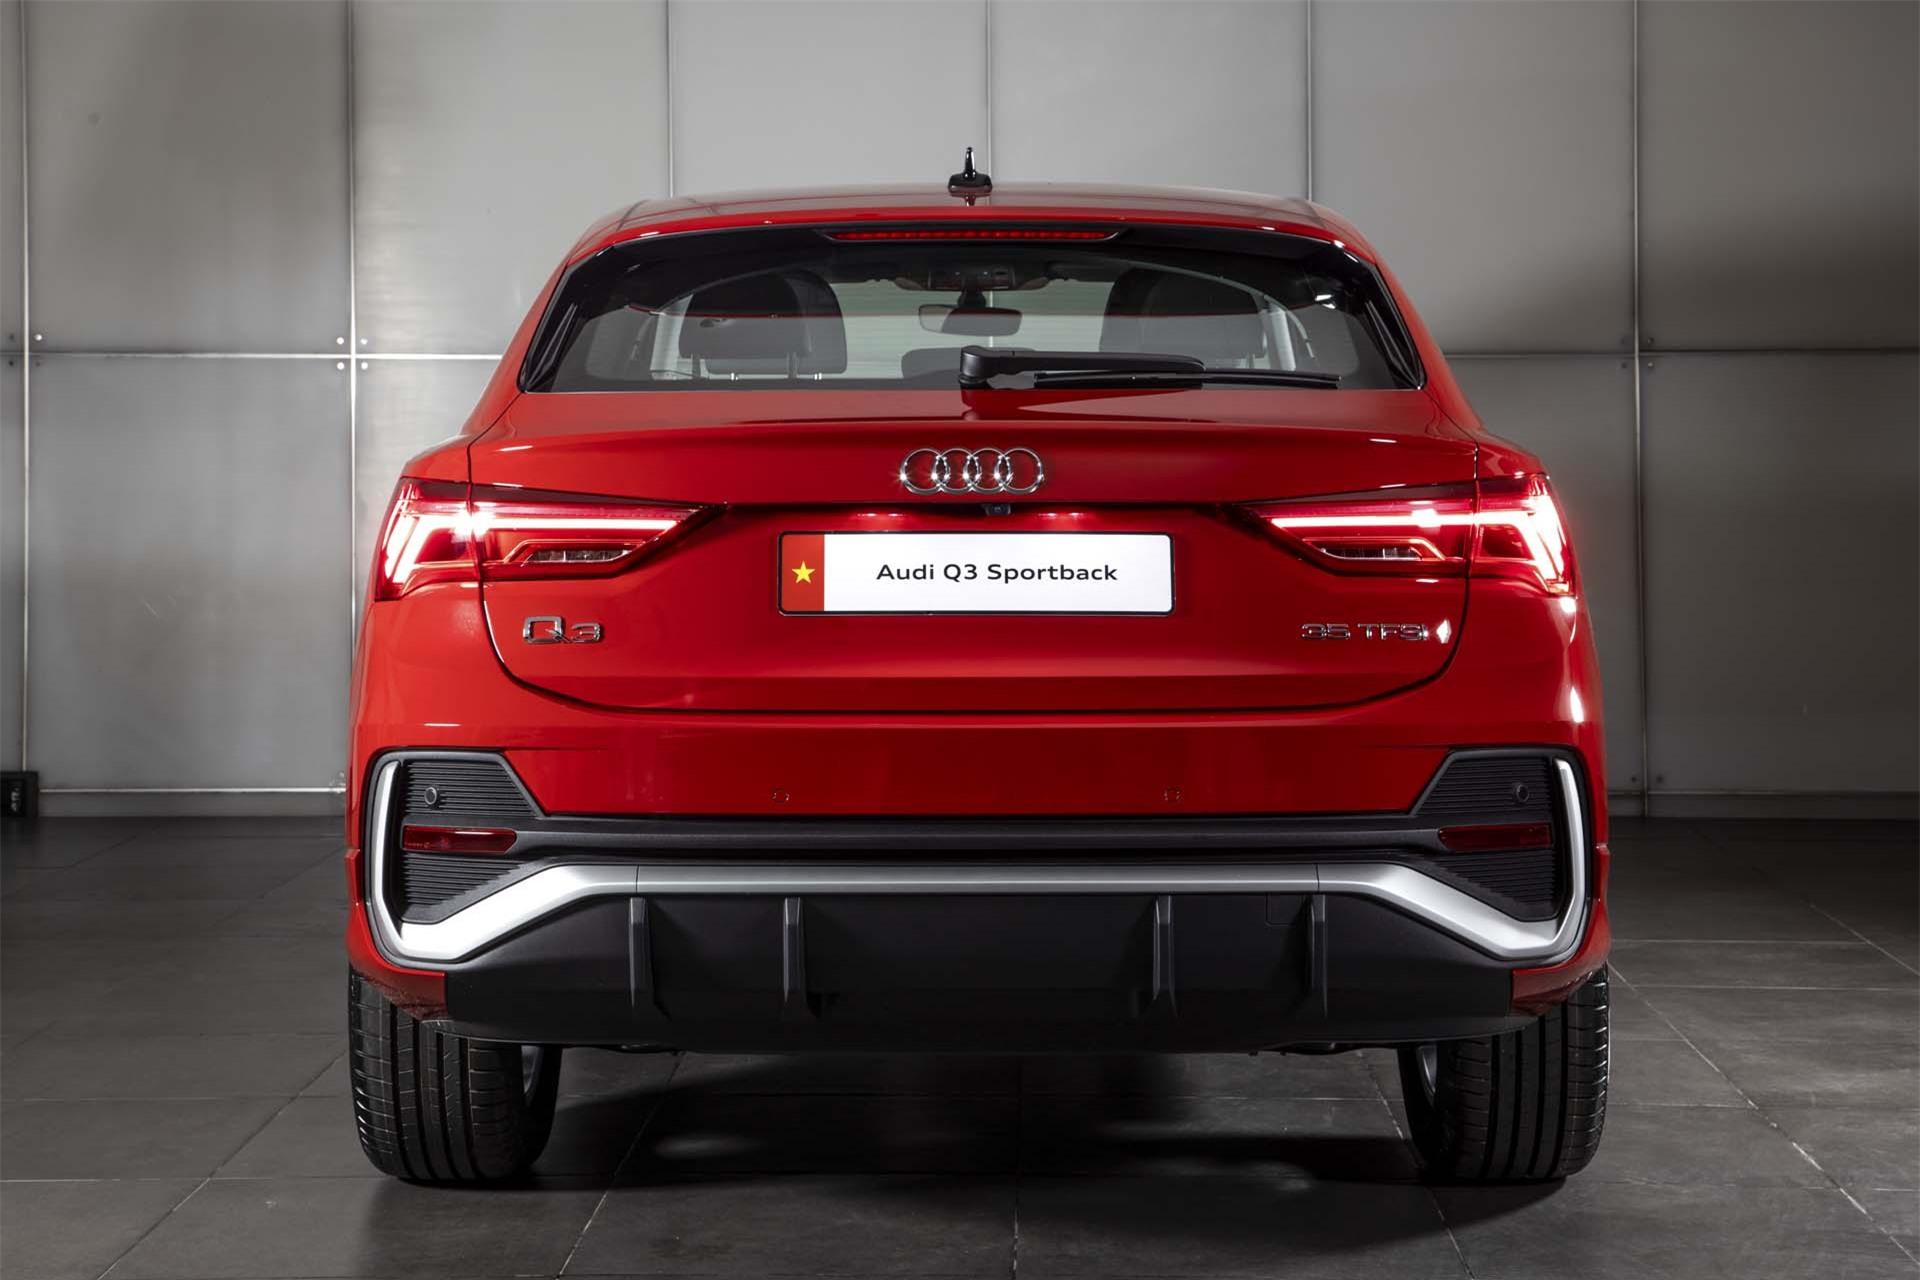 Đuôi xe Audi Q3 Sportback